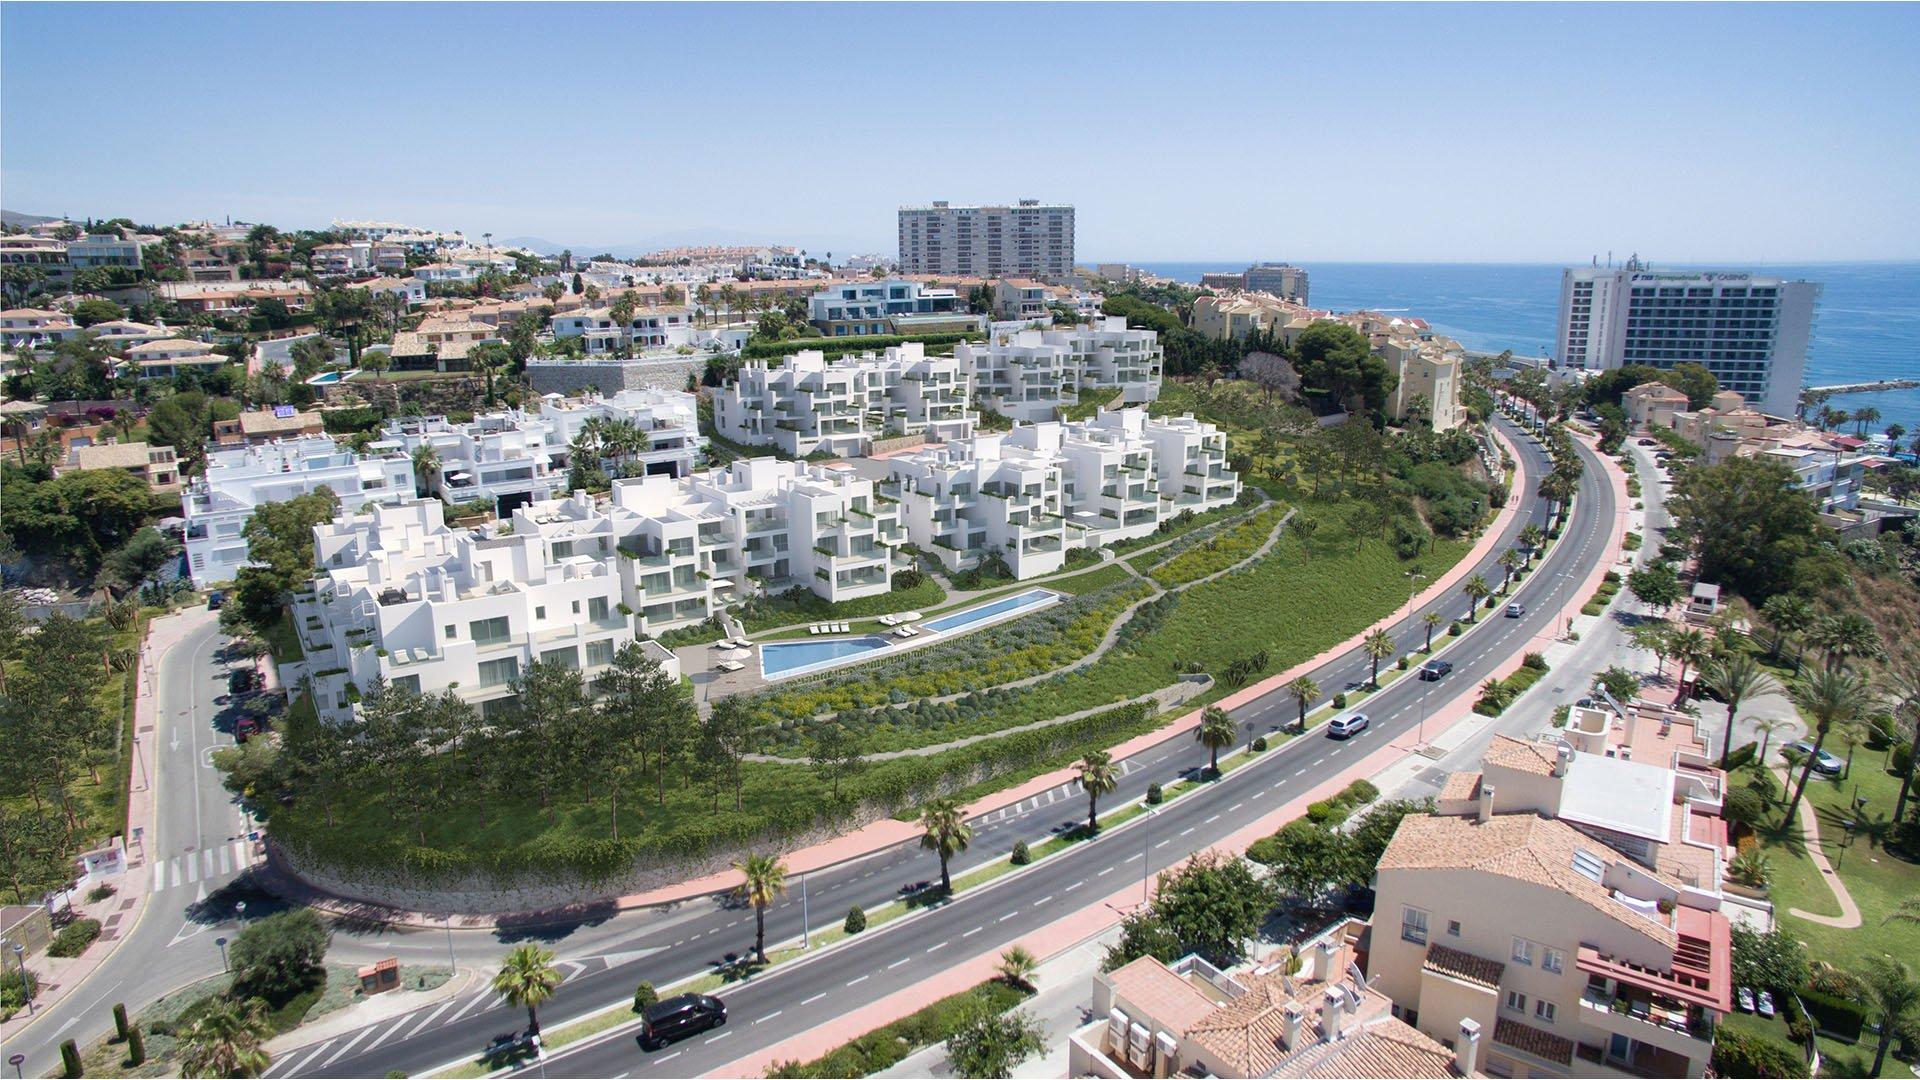 Lar Bay: Moderne appartementen bij het strand met prachtige uitzichten